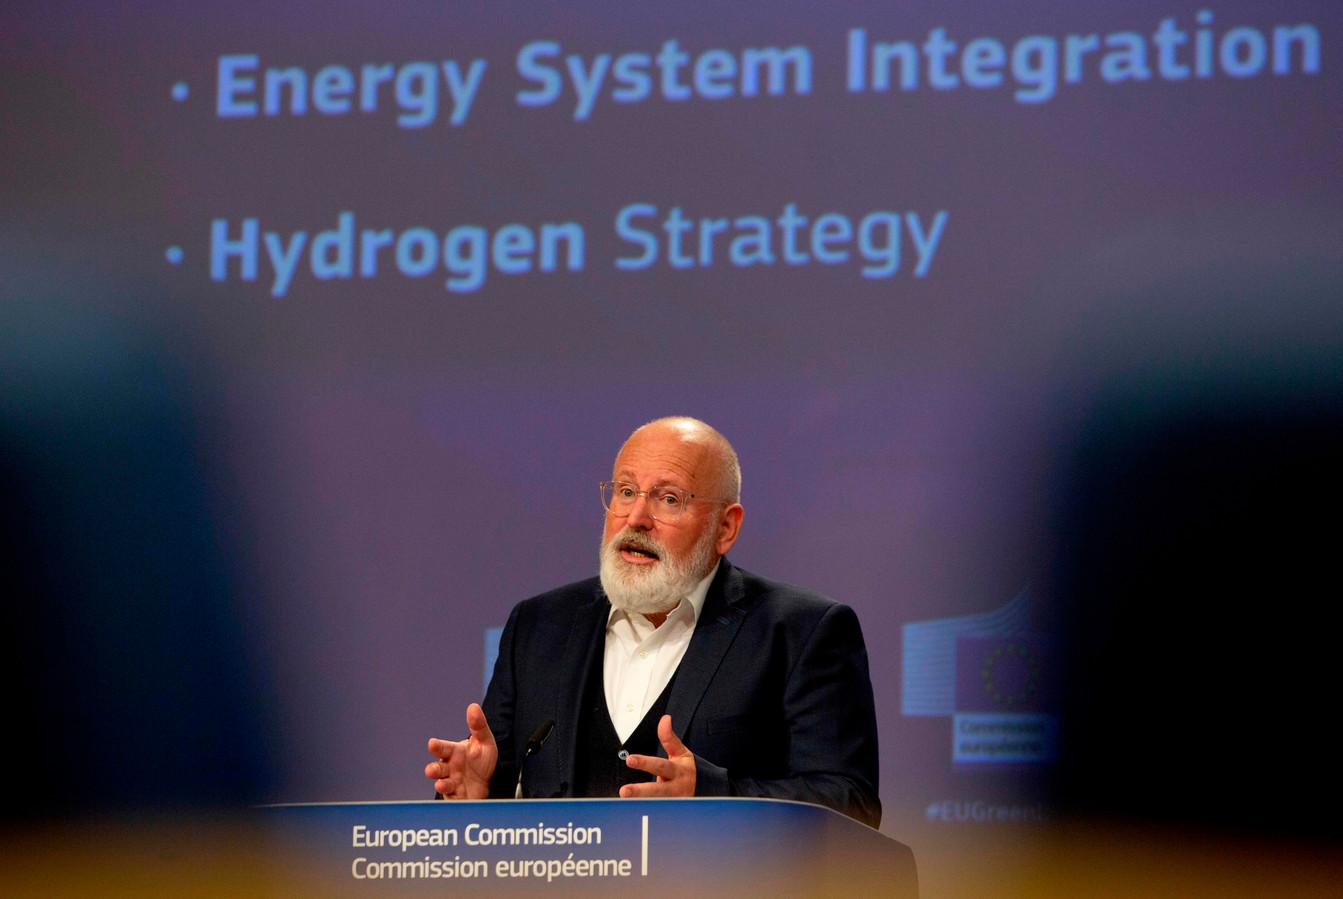 Eurocommissaris Frans Timmermans tijdens de presentatie van de Europese waterstof-strategie op 8 juli in Brussel.